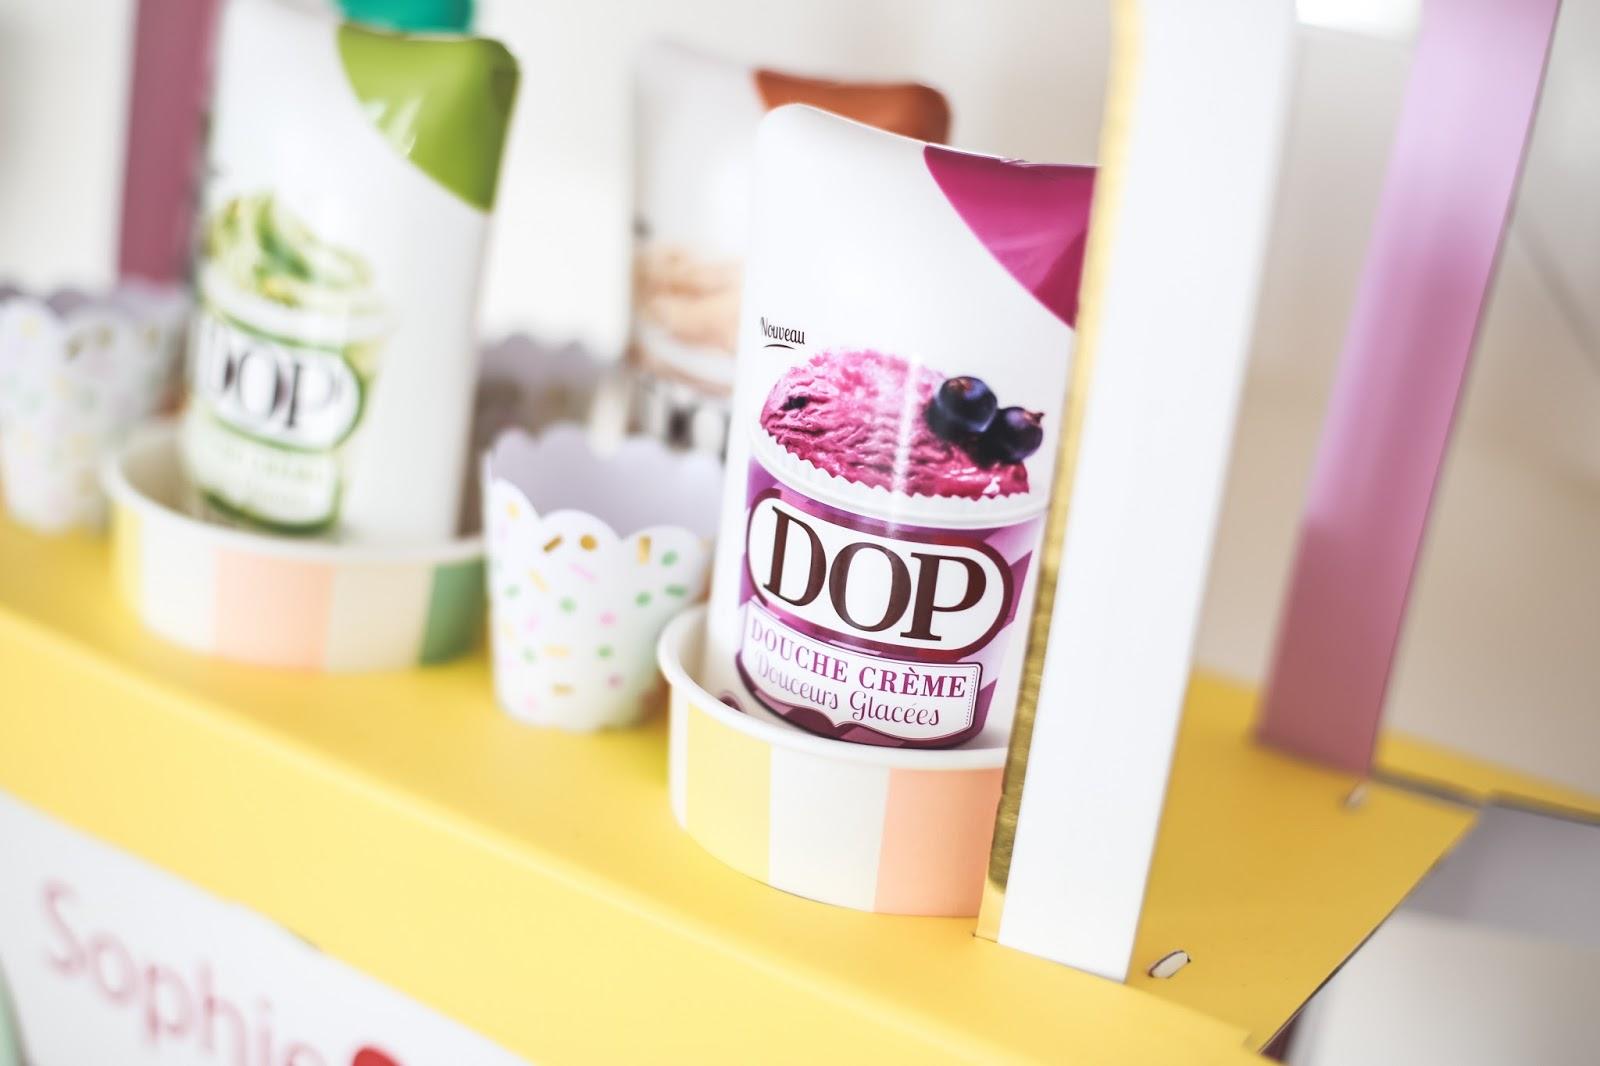 nouveautés Douche Crème Douceurs Glacées dop